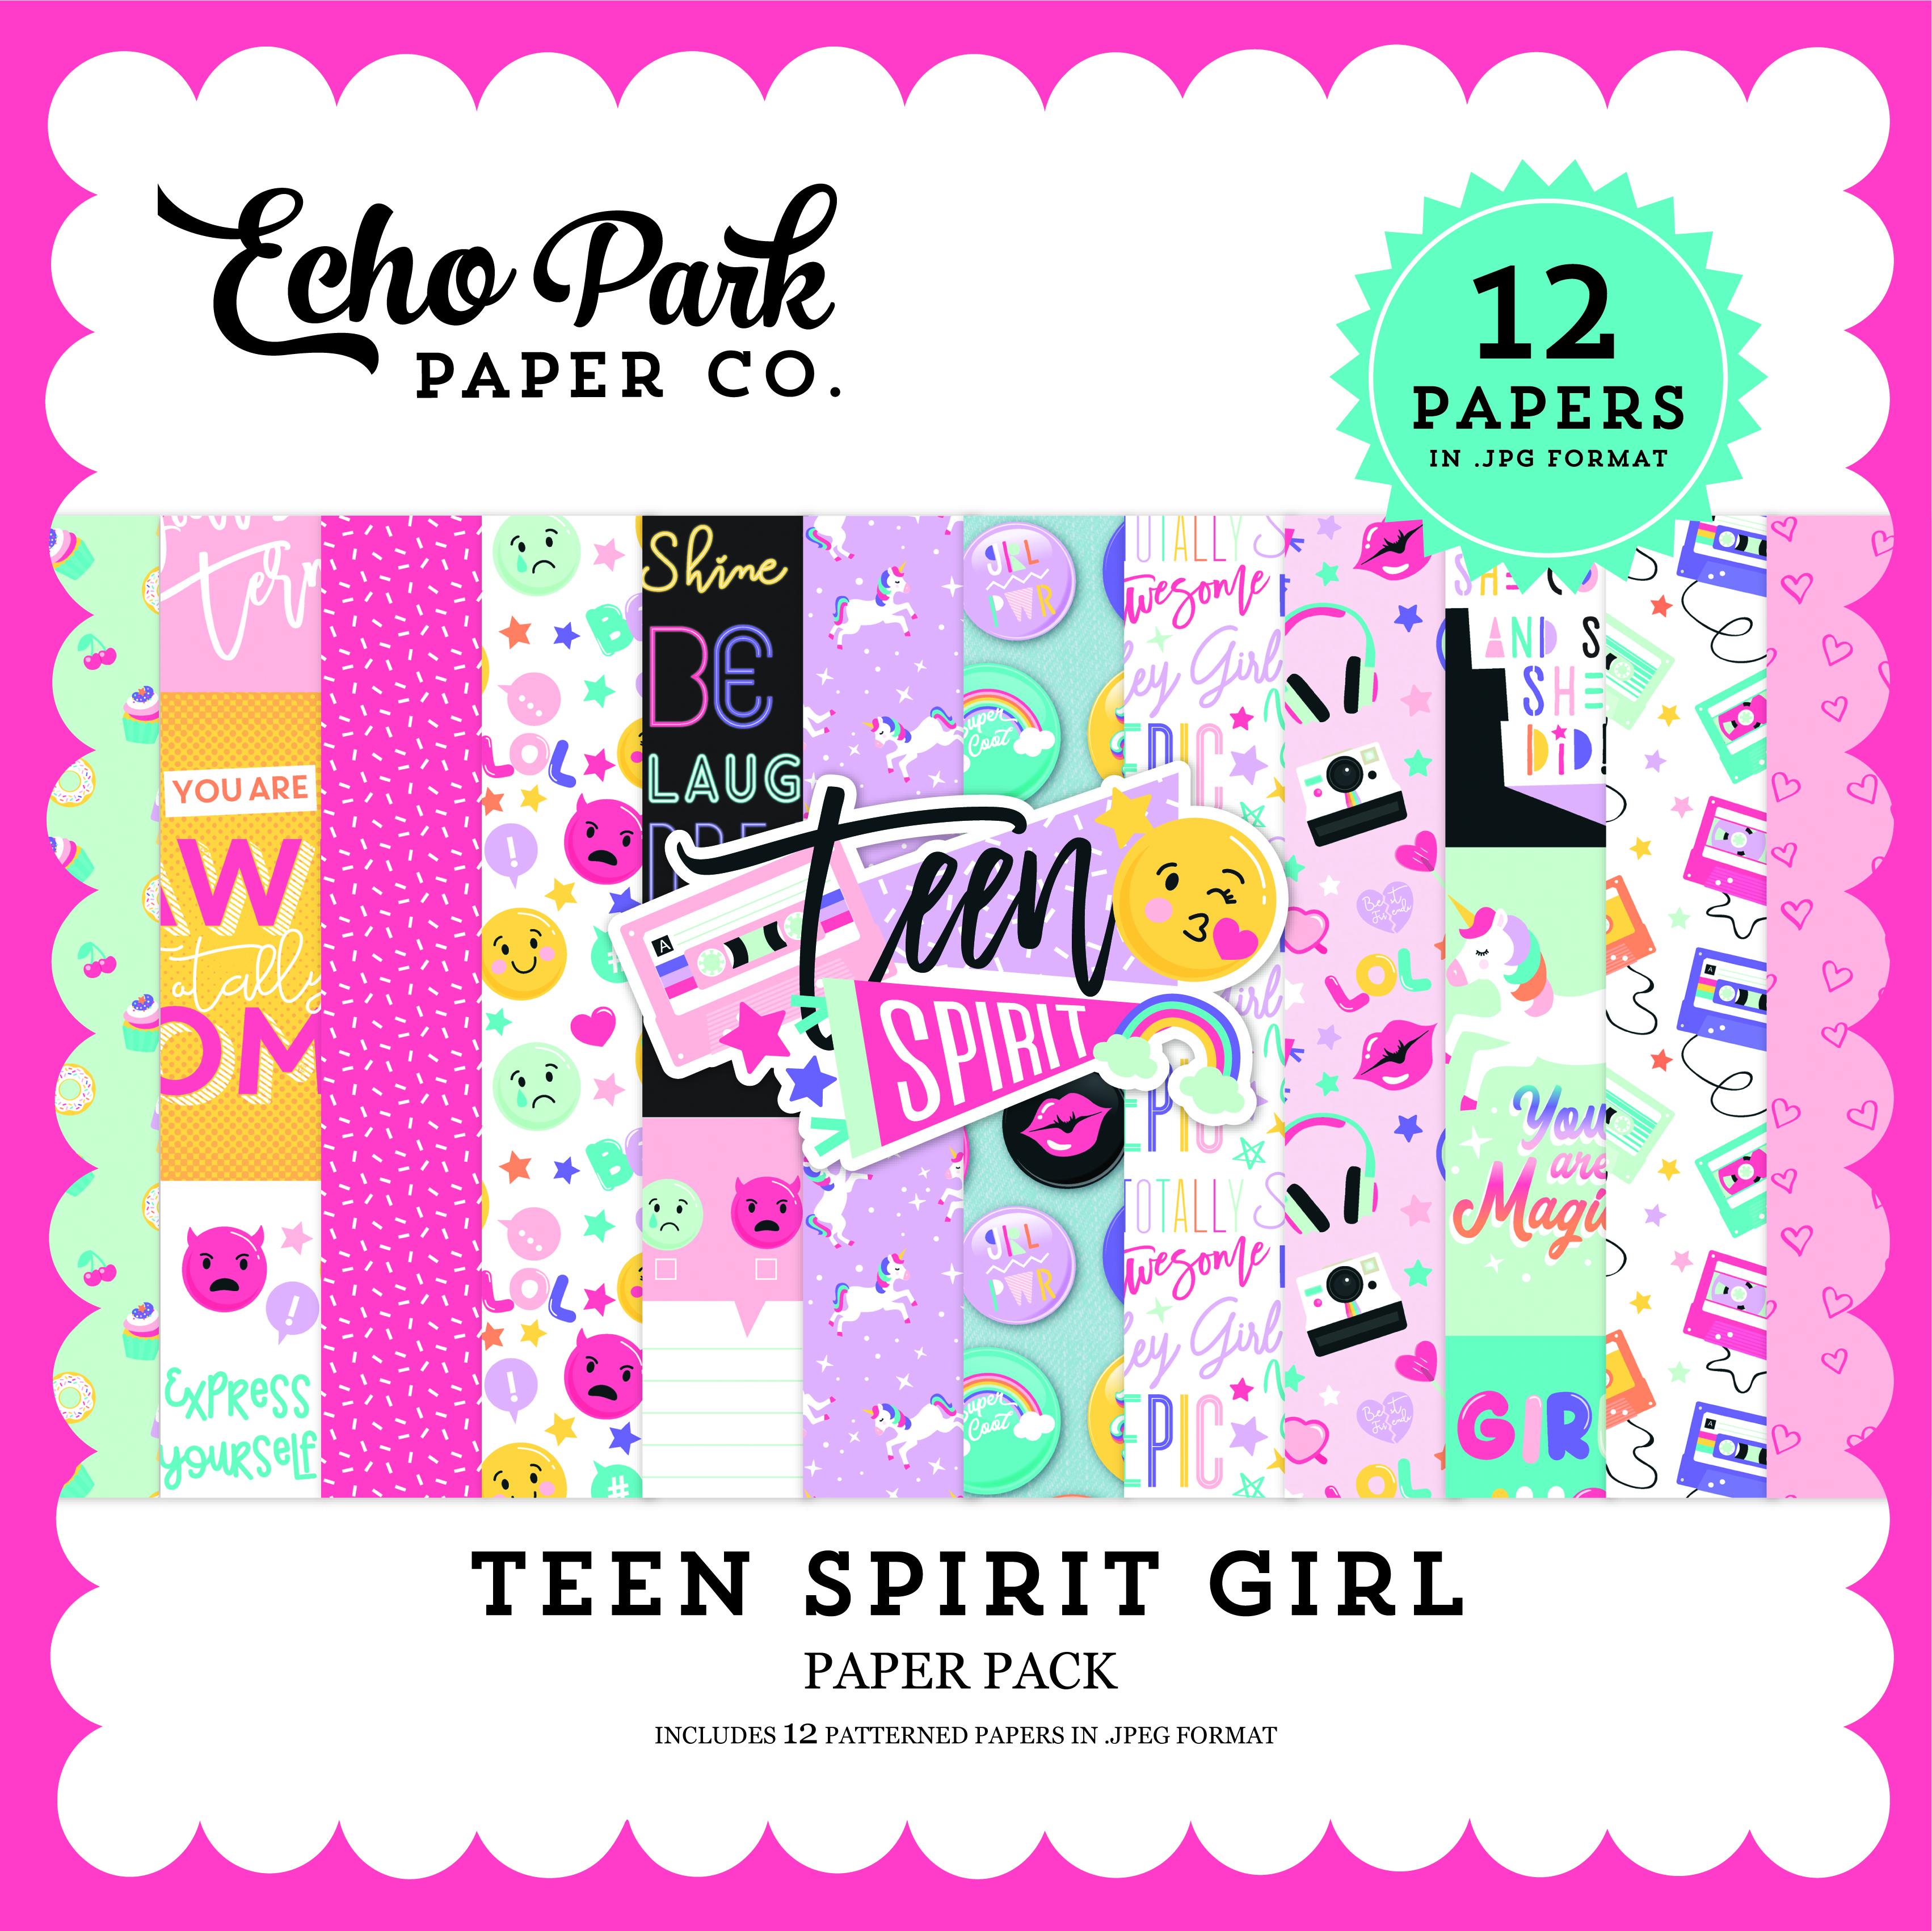 Teen Spirit Girl Paper Pack